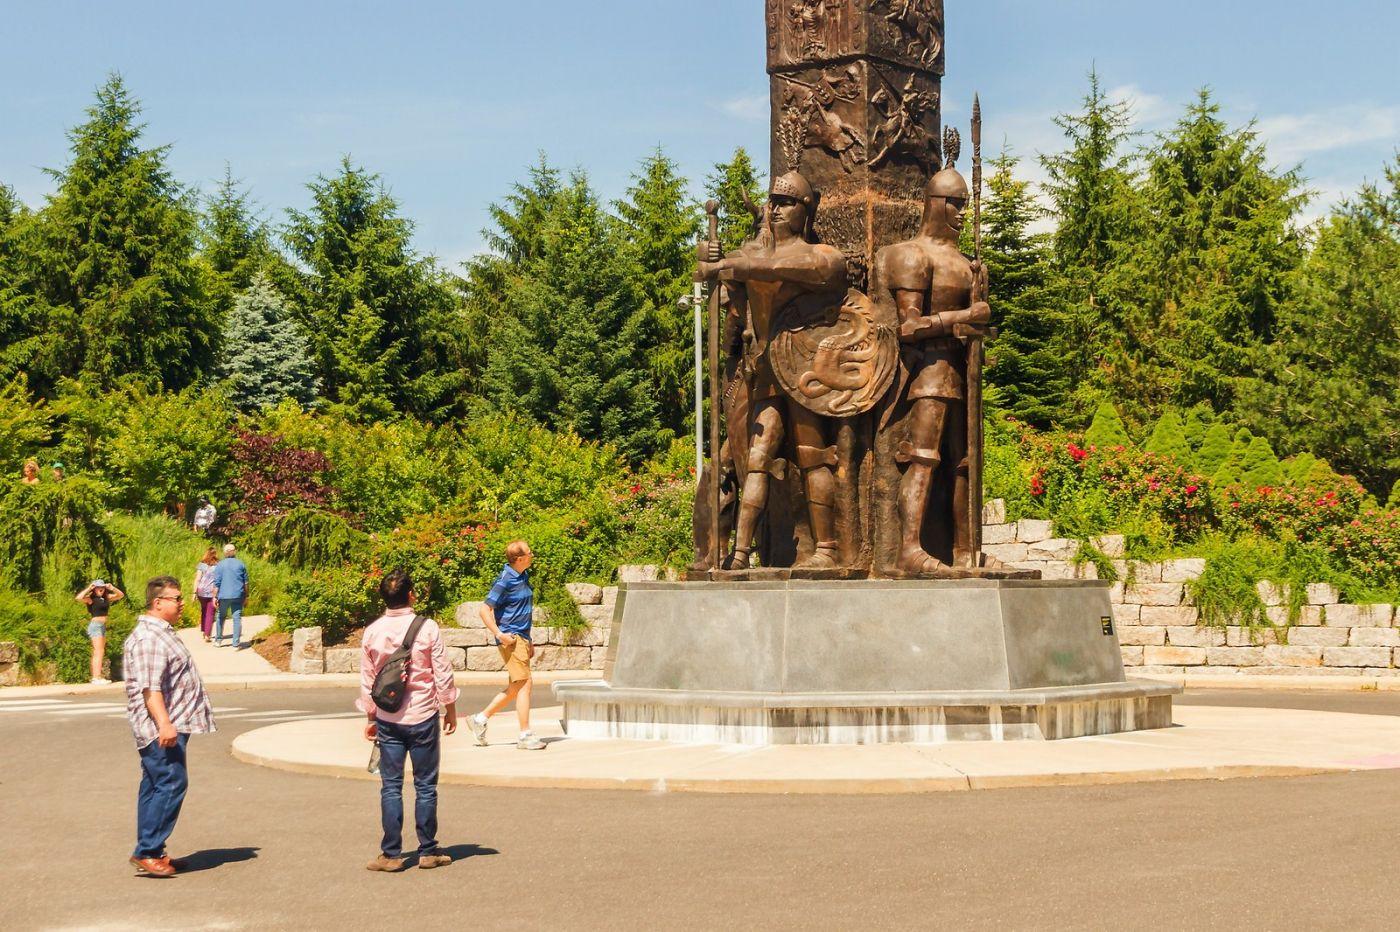 新泽西州雕塑公园(Grounds for scuplture),题材很广_图1-34